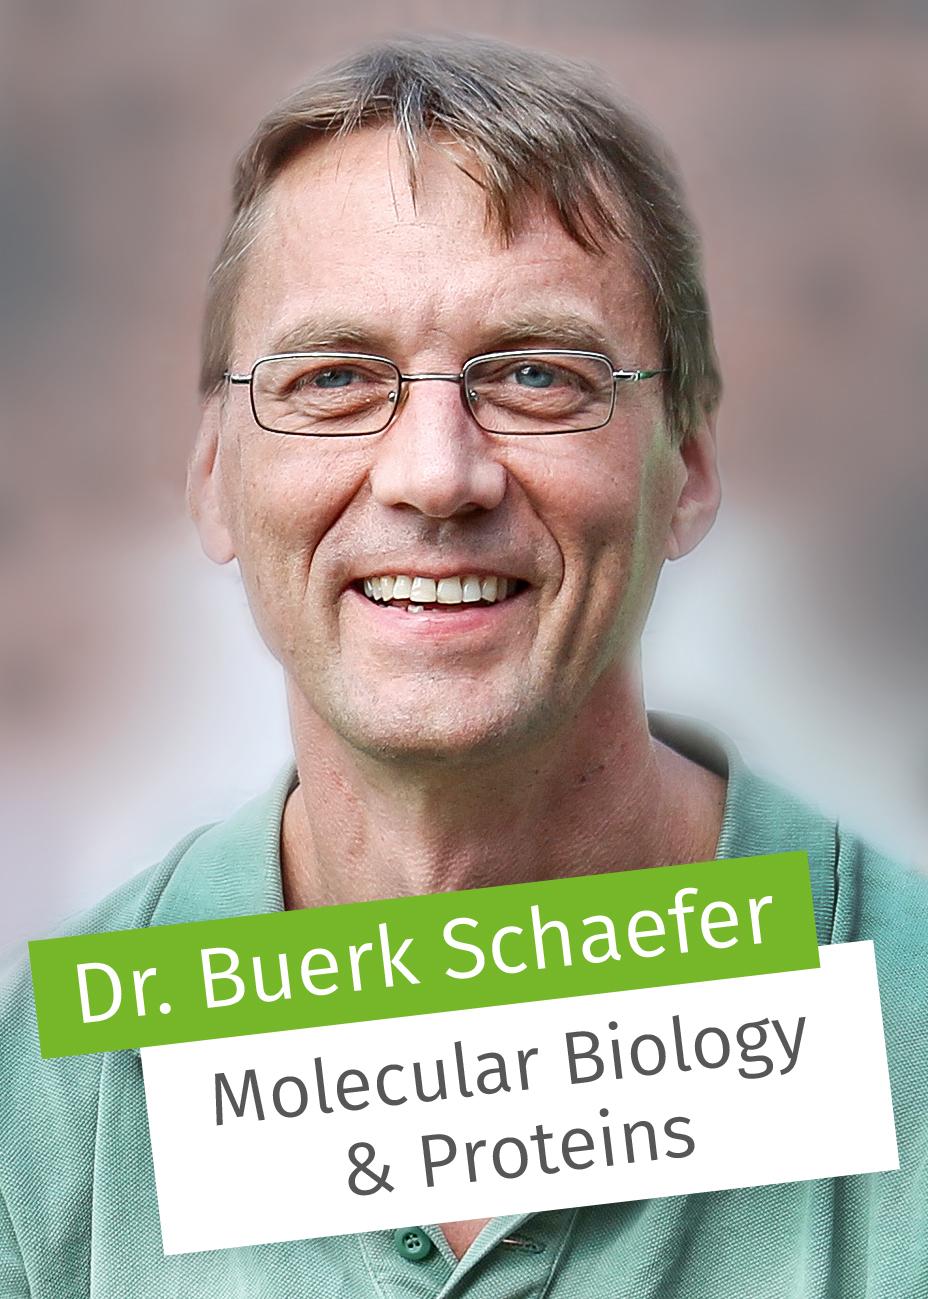 Dr. Buerk Schaefer